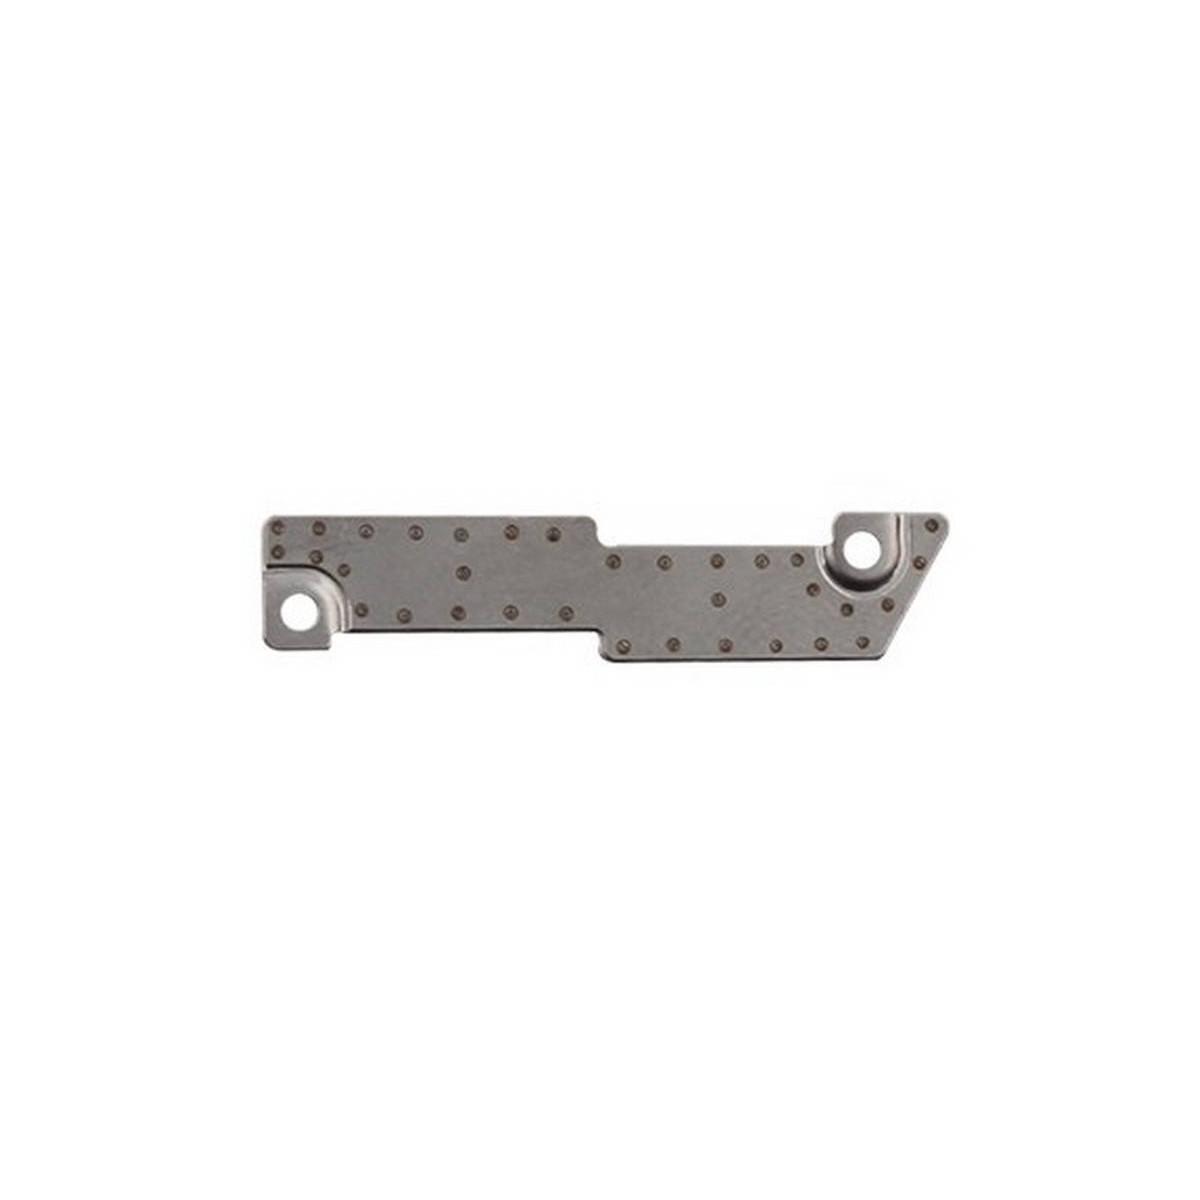 cobertura de metal para el conetor de bateria iphone 5c 5s